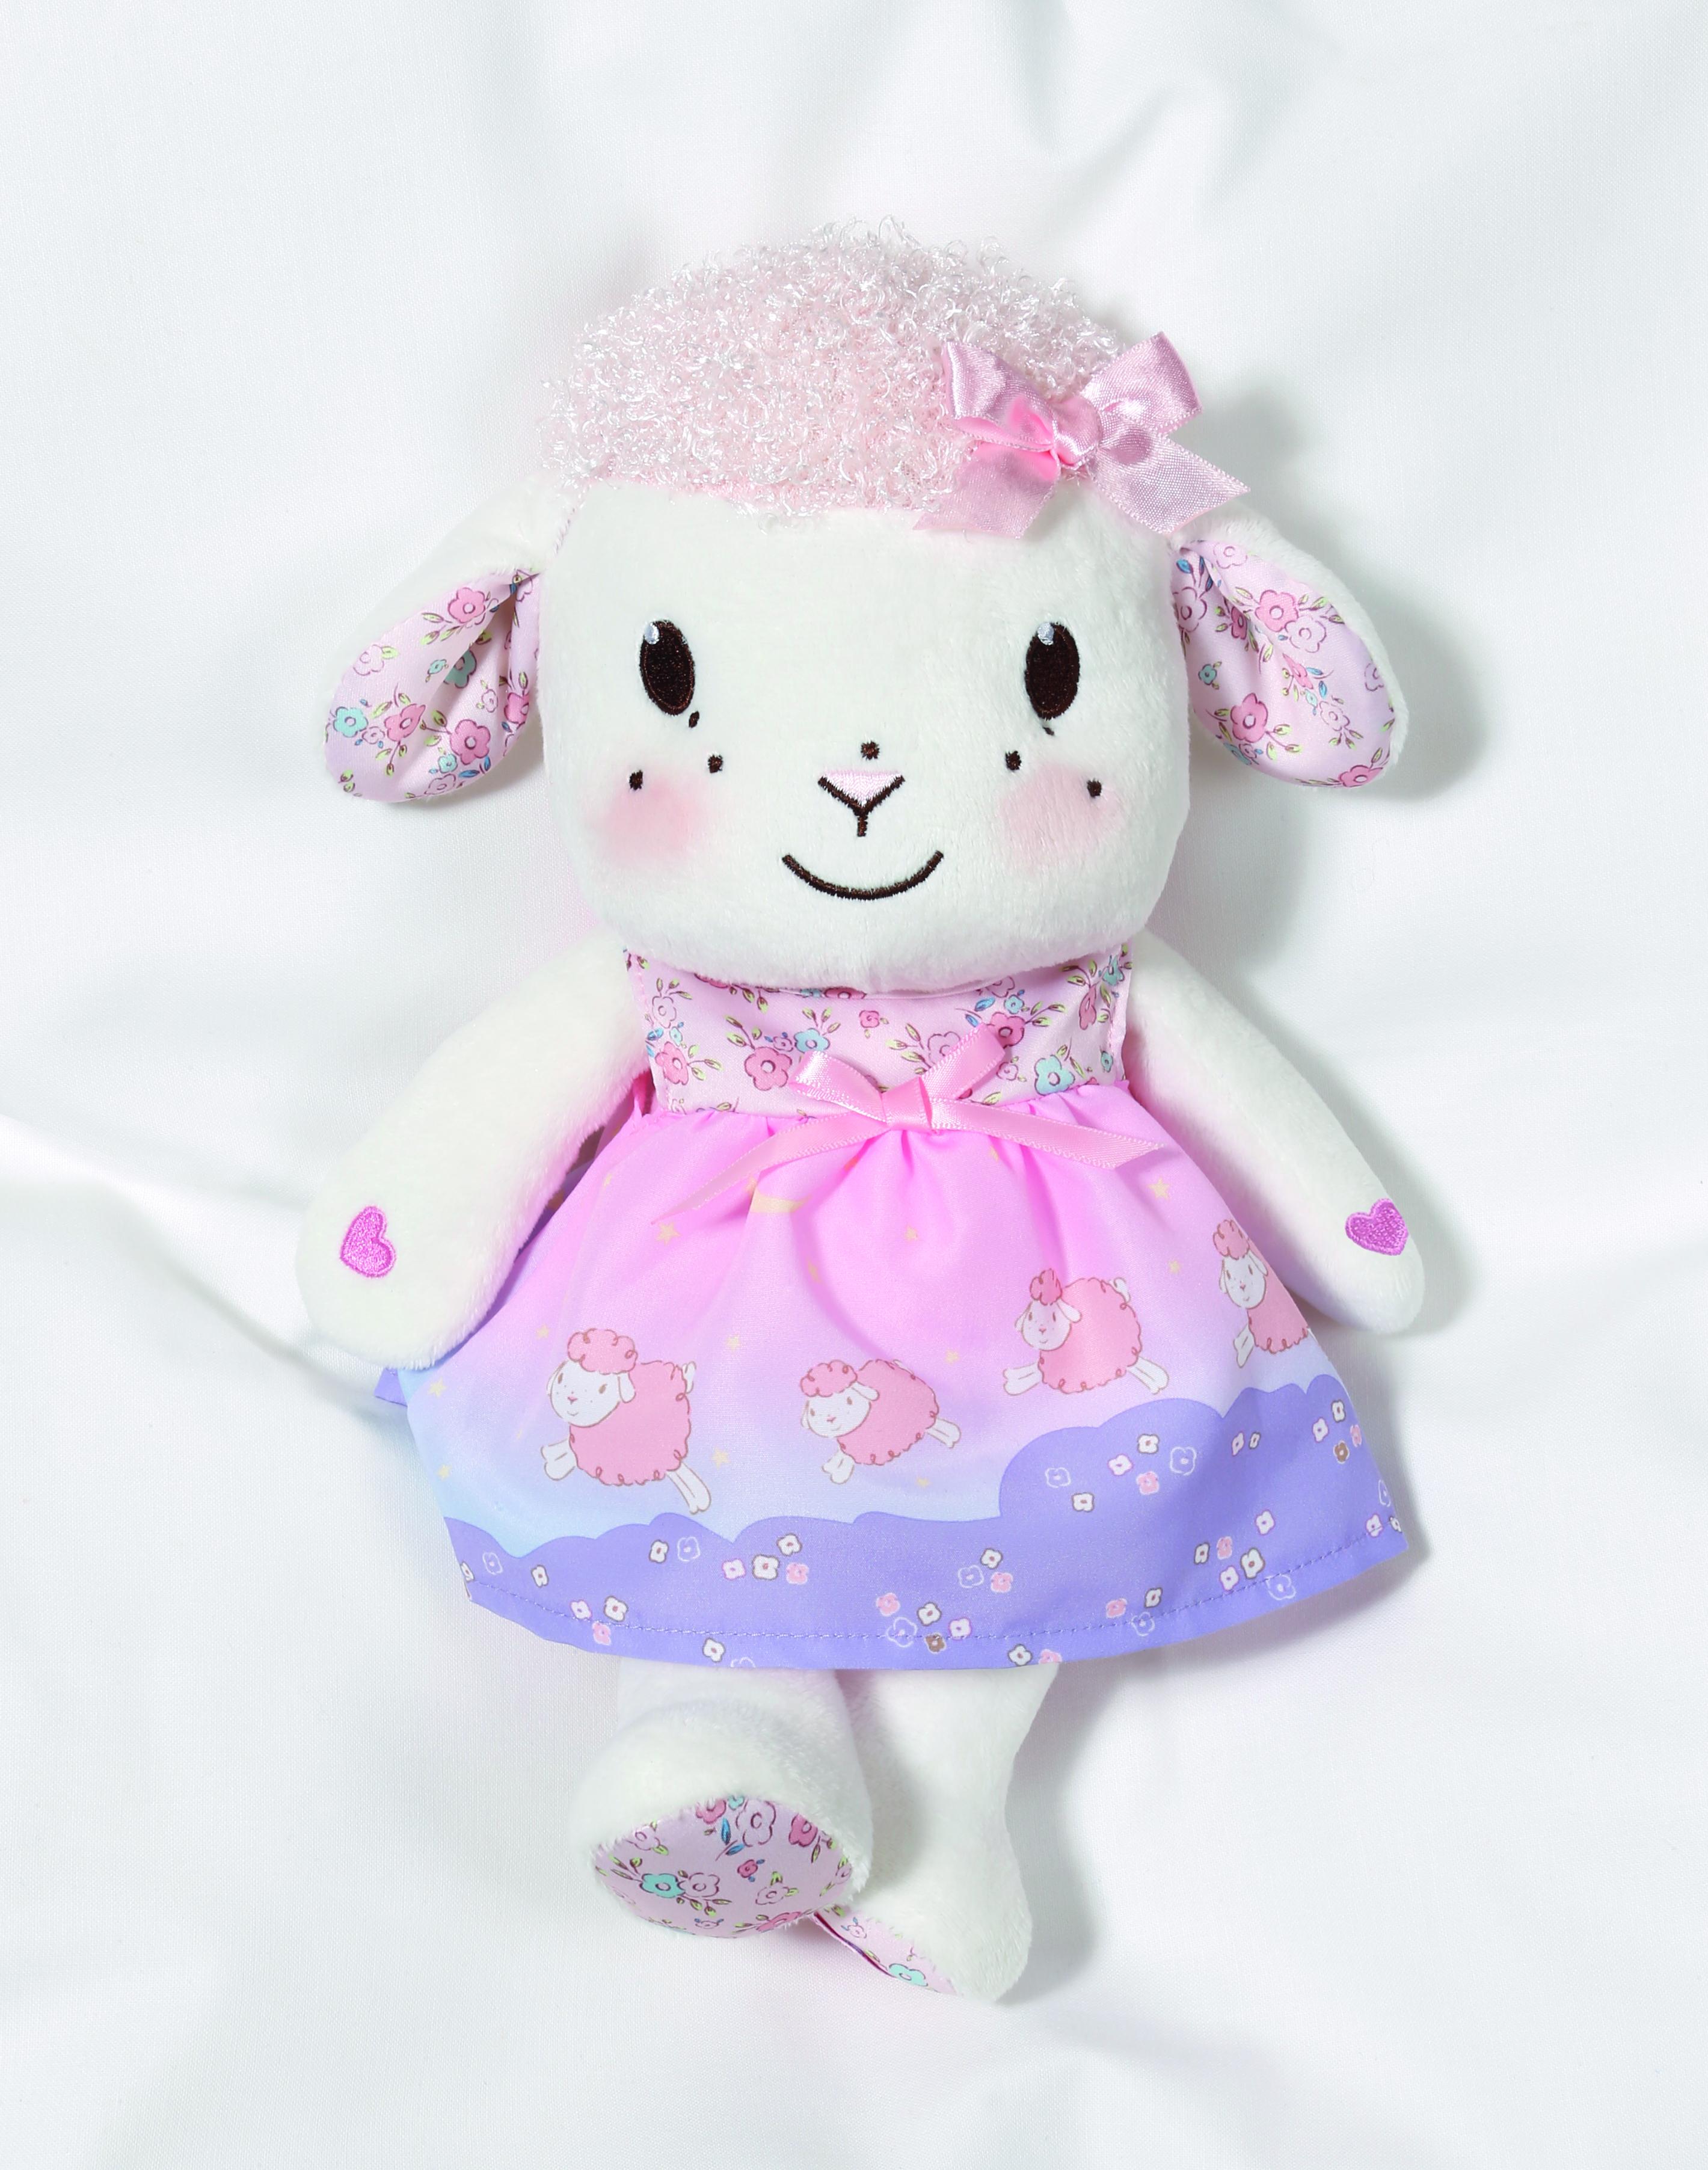 My first Baby Annabell Schlaf Lämmchen